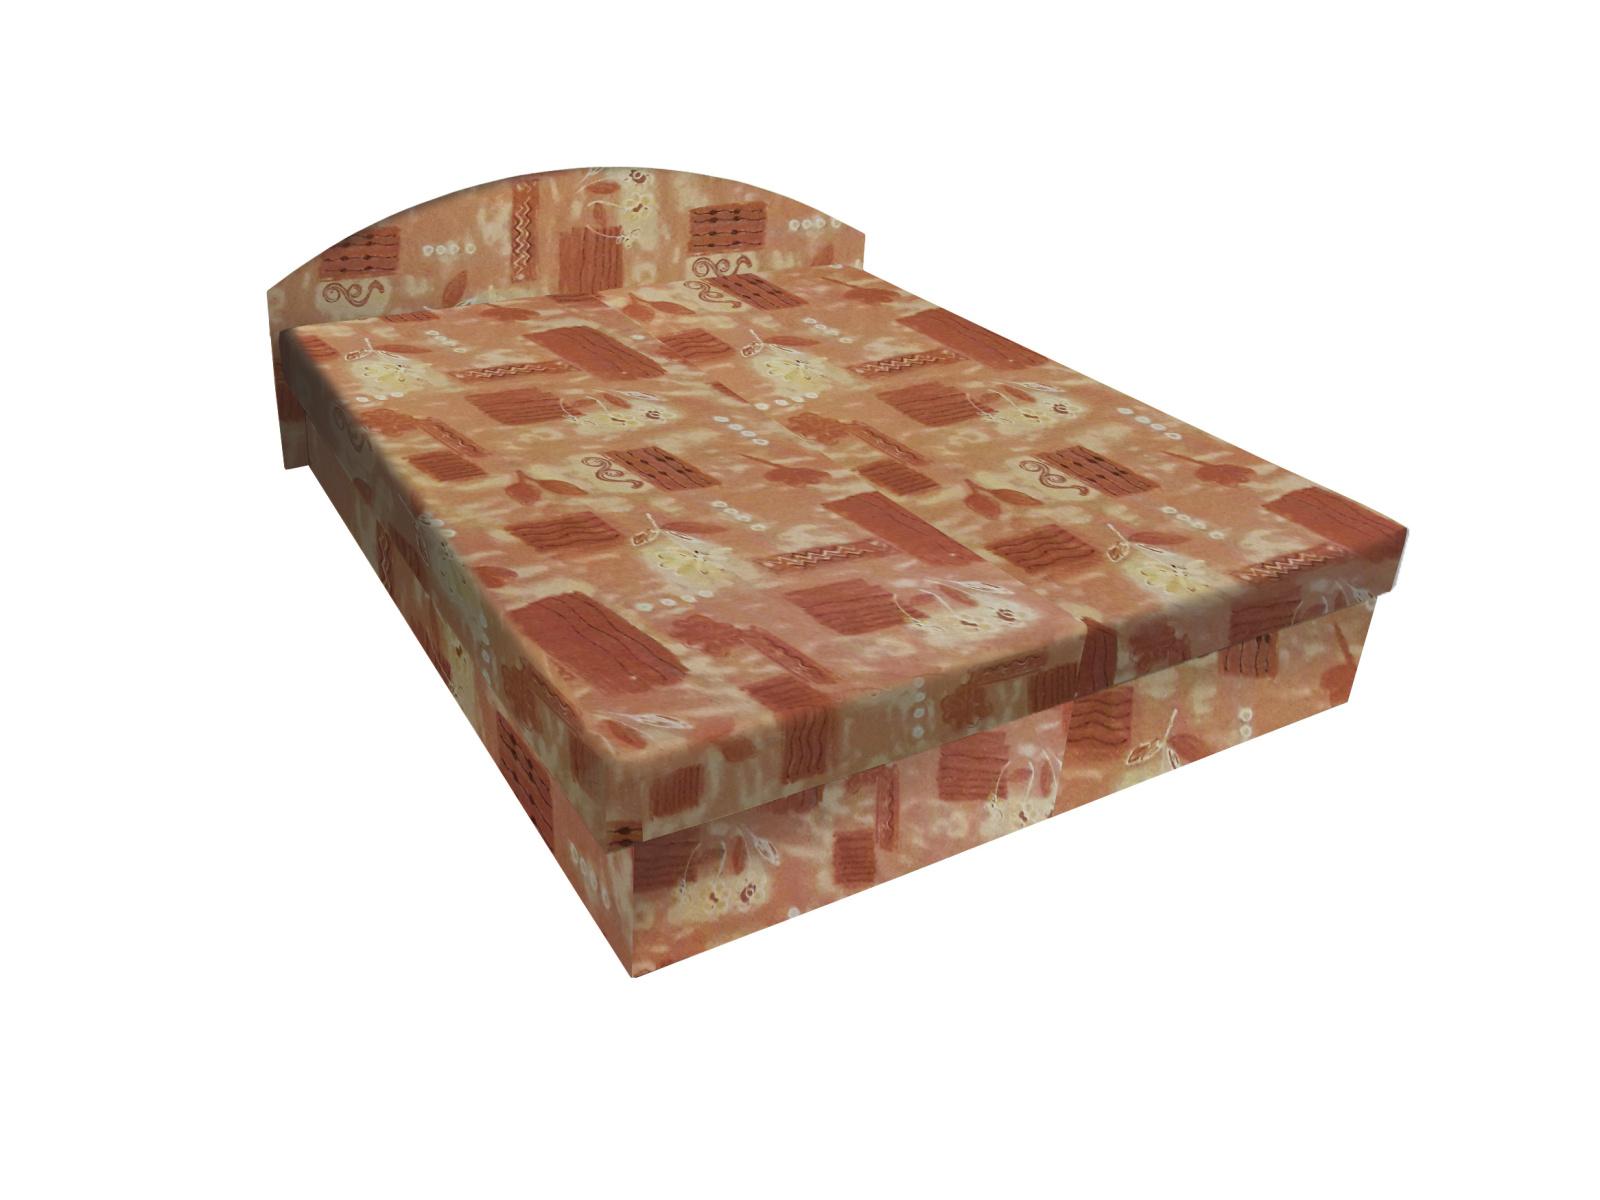 Smartshop Čalouněná postel ÁJA 180x200 cm, hnědá látka